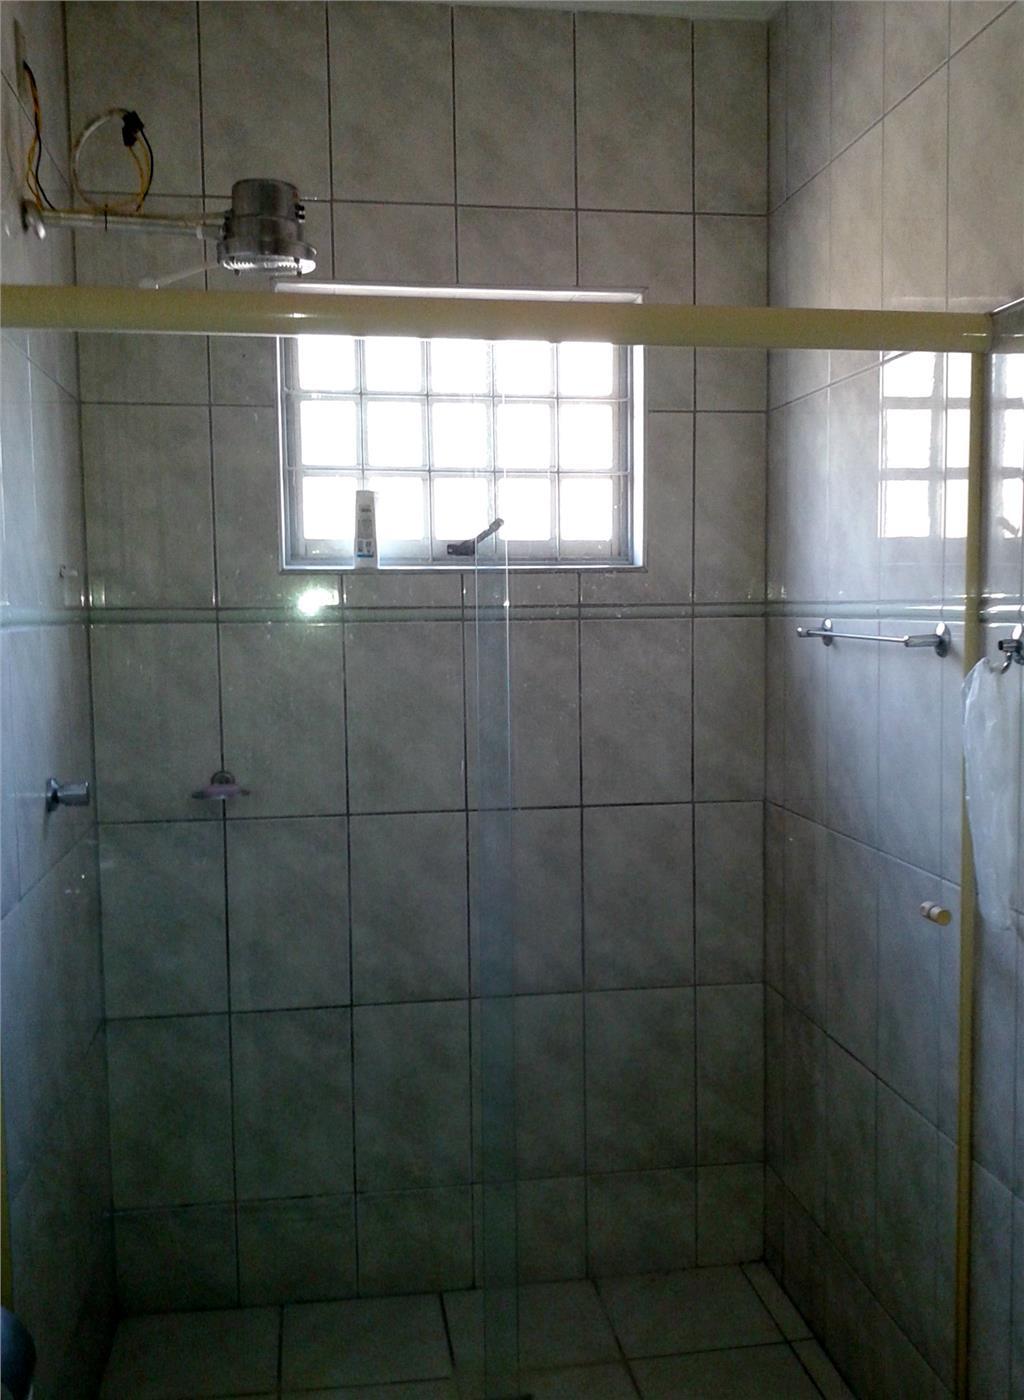 Chácara 3 Dorm, Loteamento Chácaras Vale das Garças, Campinas - Foto 12